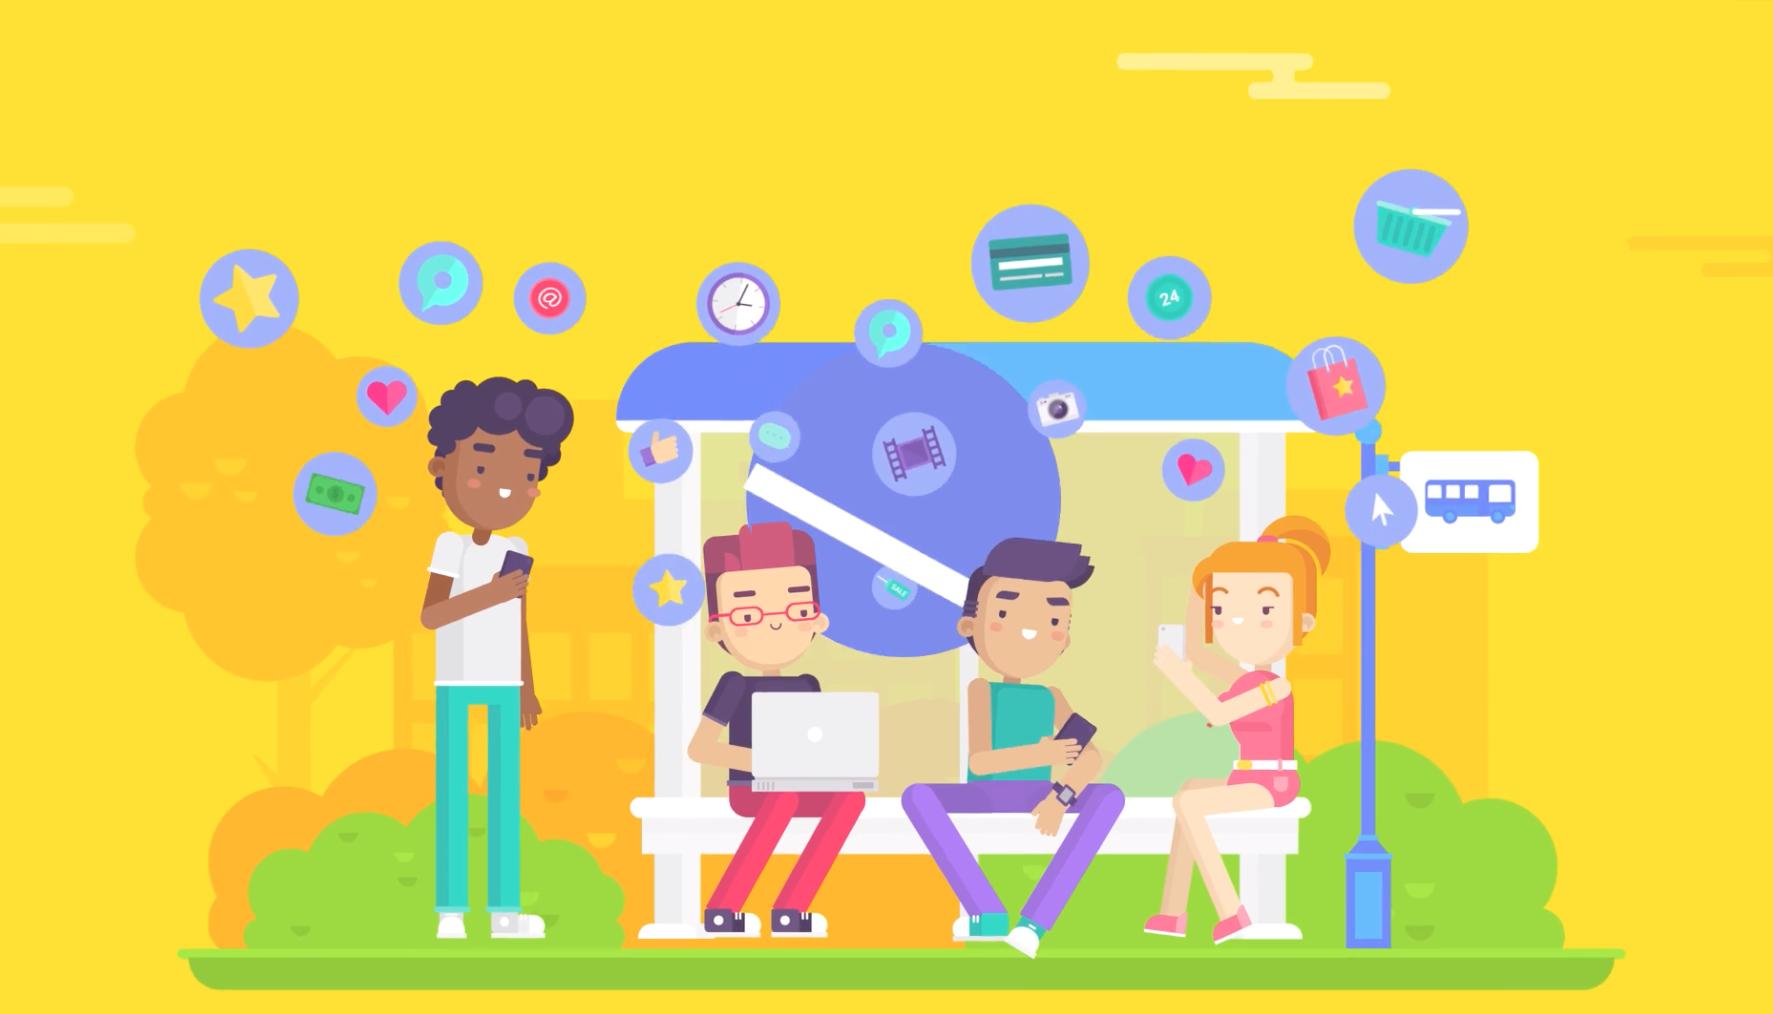 BeChallenge es una plataforma de aprendizaje que basa su metodología en el Design Thinking, el aprendizaje basado en retos y el aprendizaje colaborativo, para potenciar la formación de las habilidades del siglo XXI. - Imagen: BeChallenge.